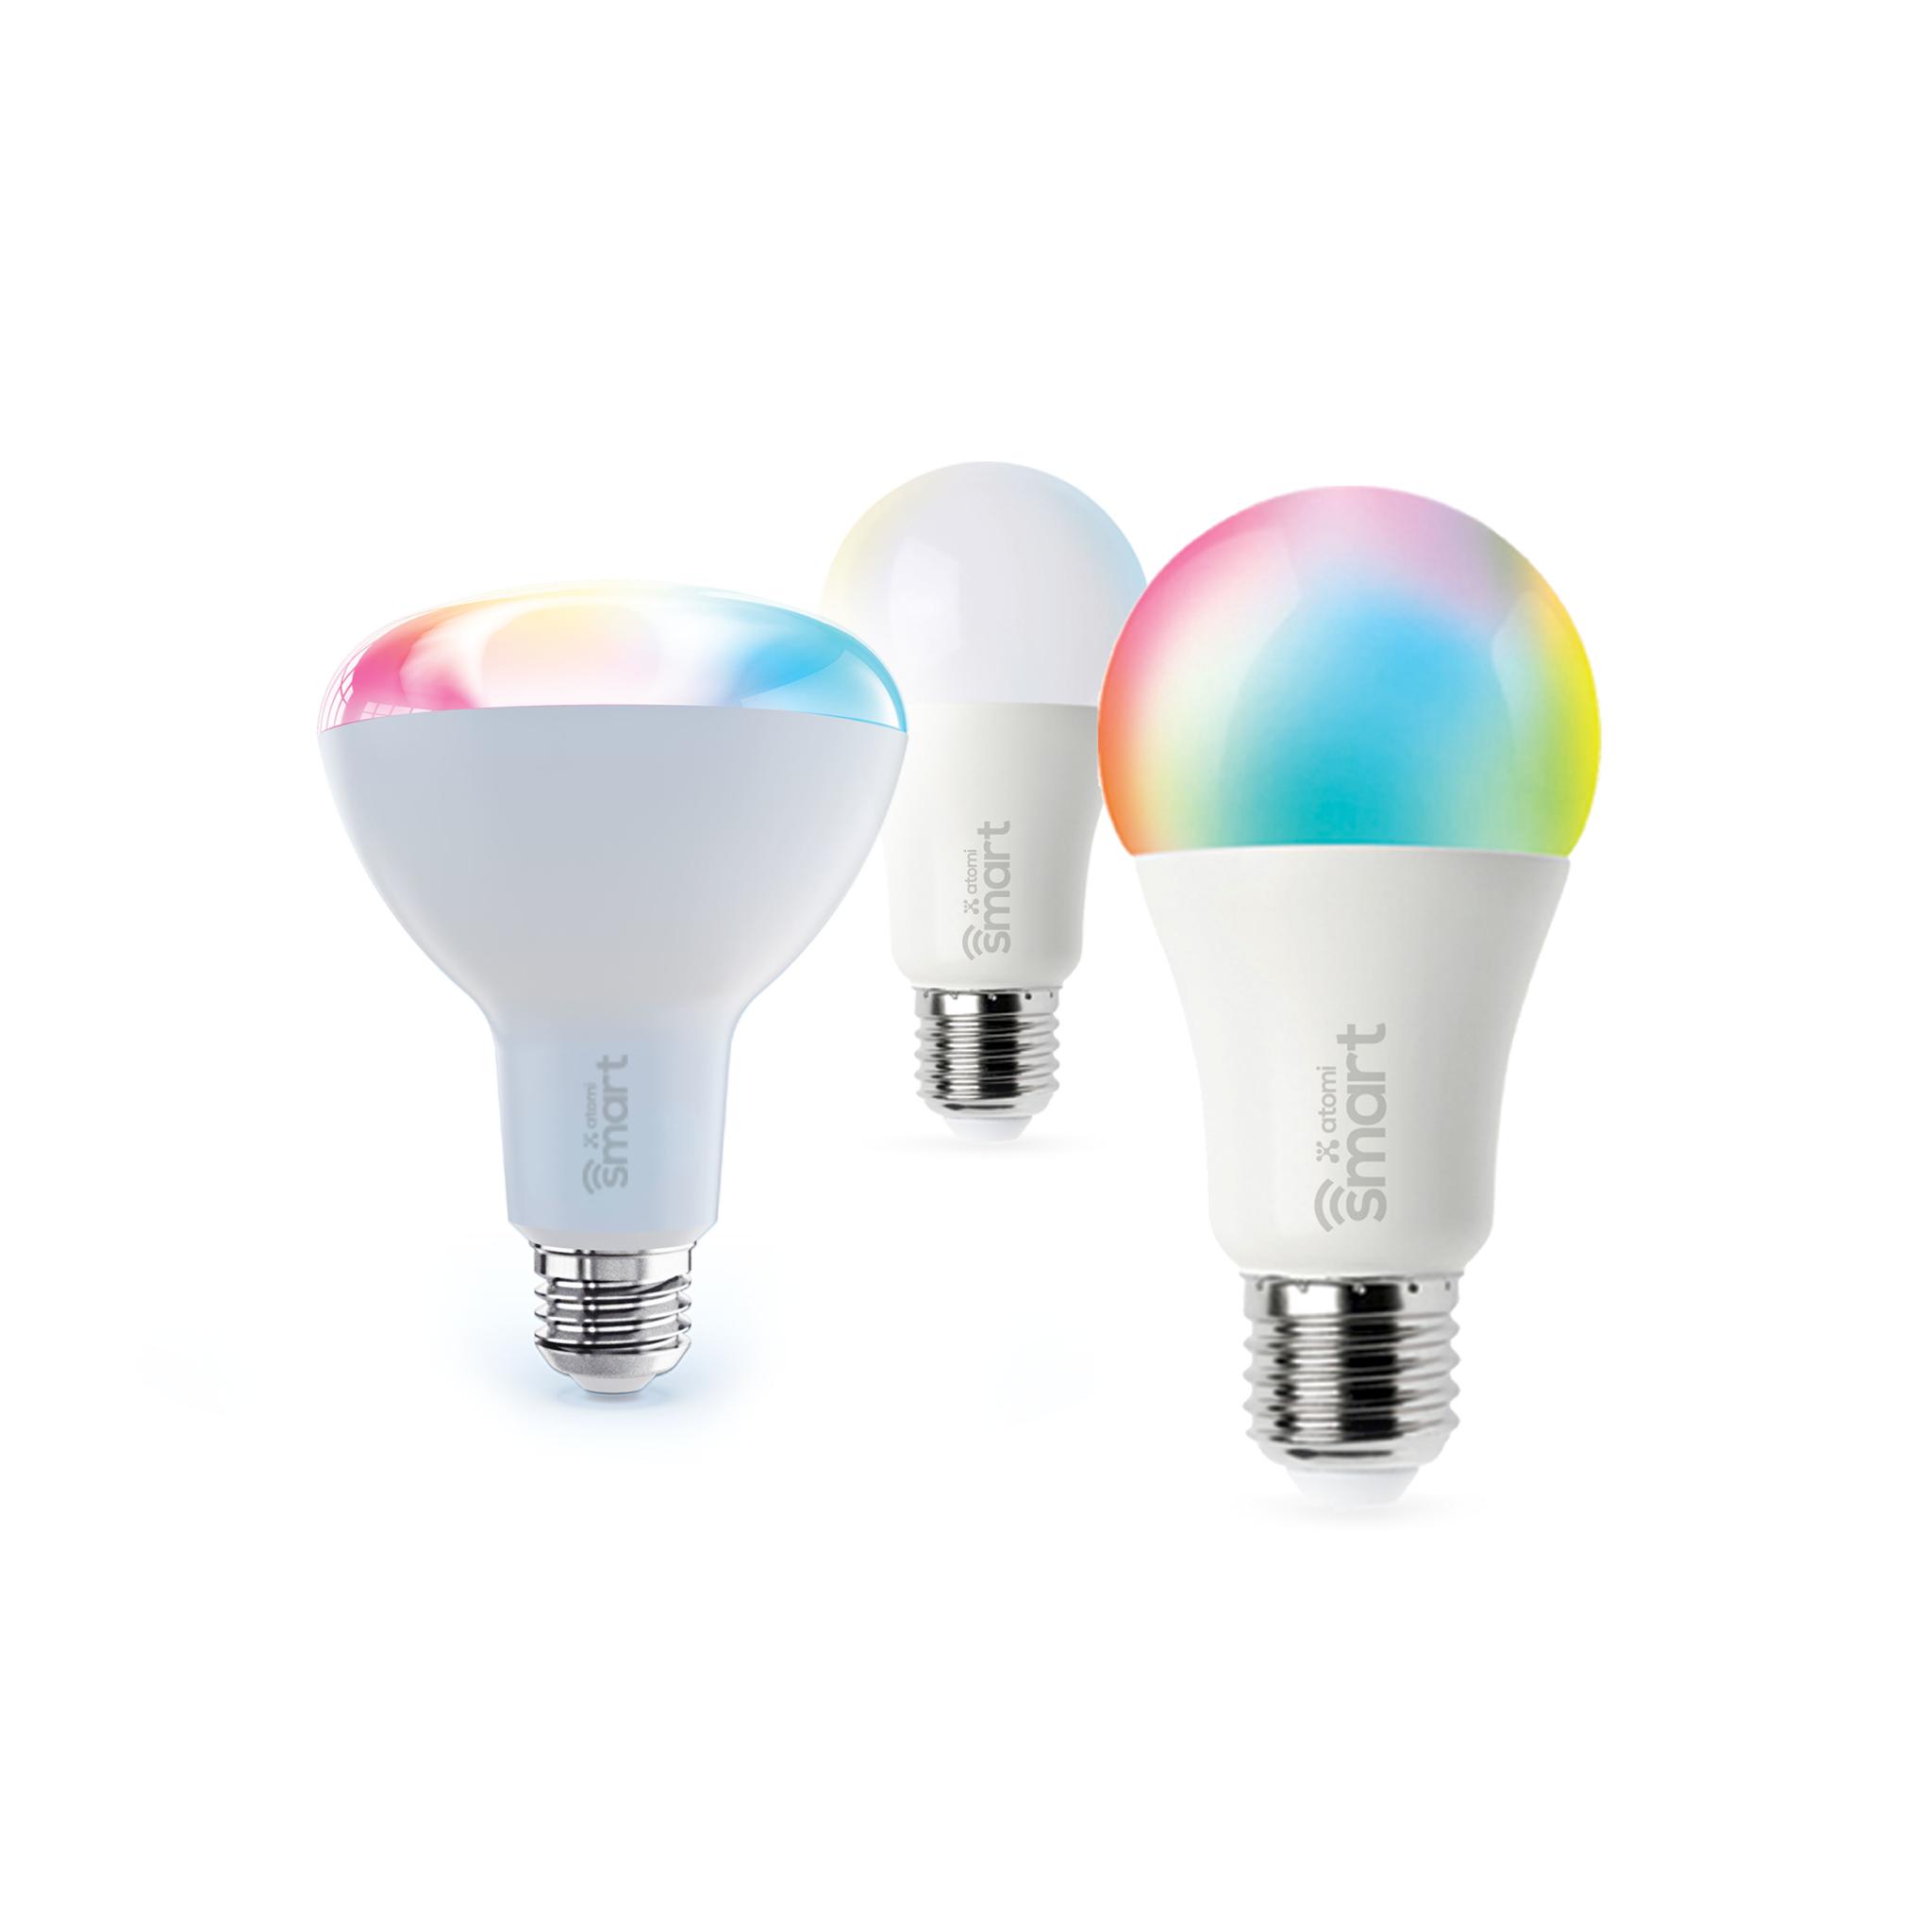 Bulbs Group Image